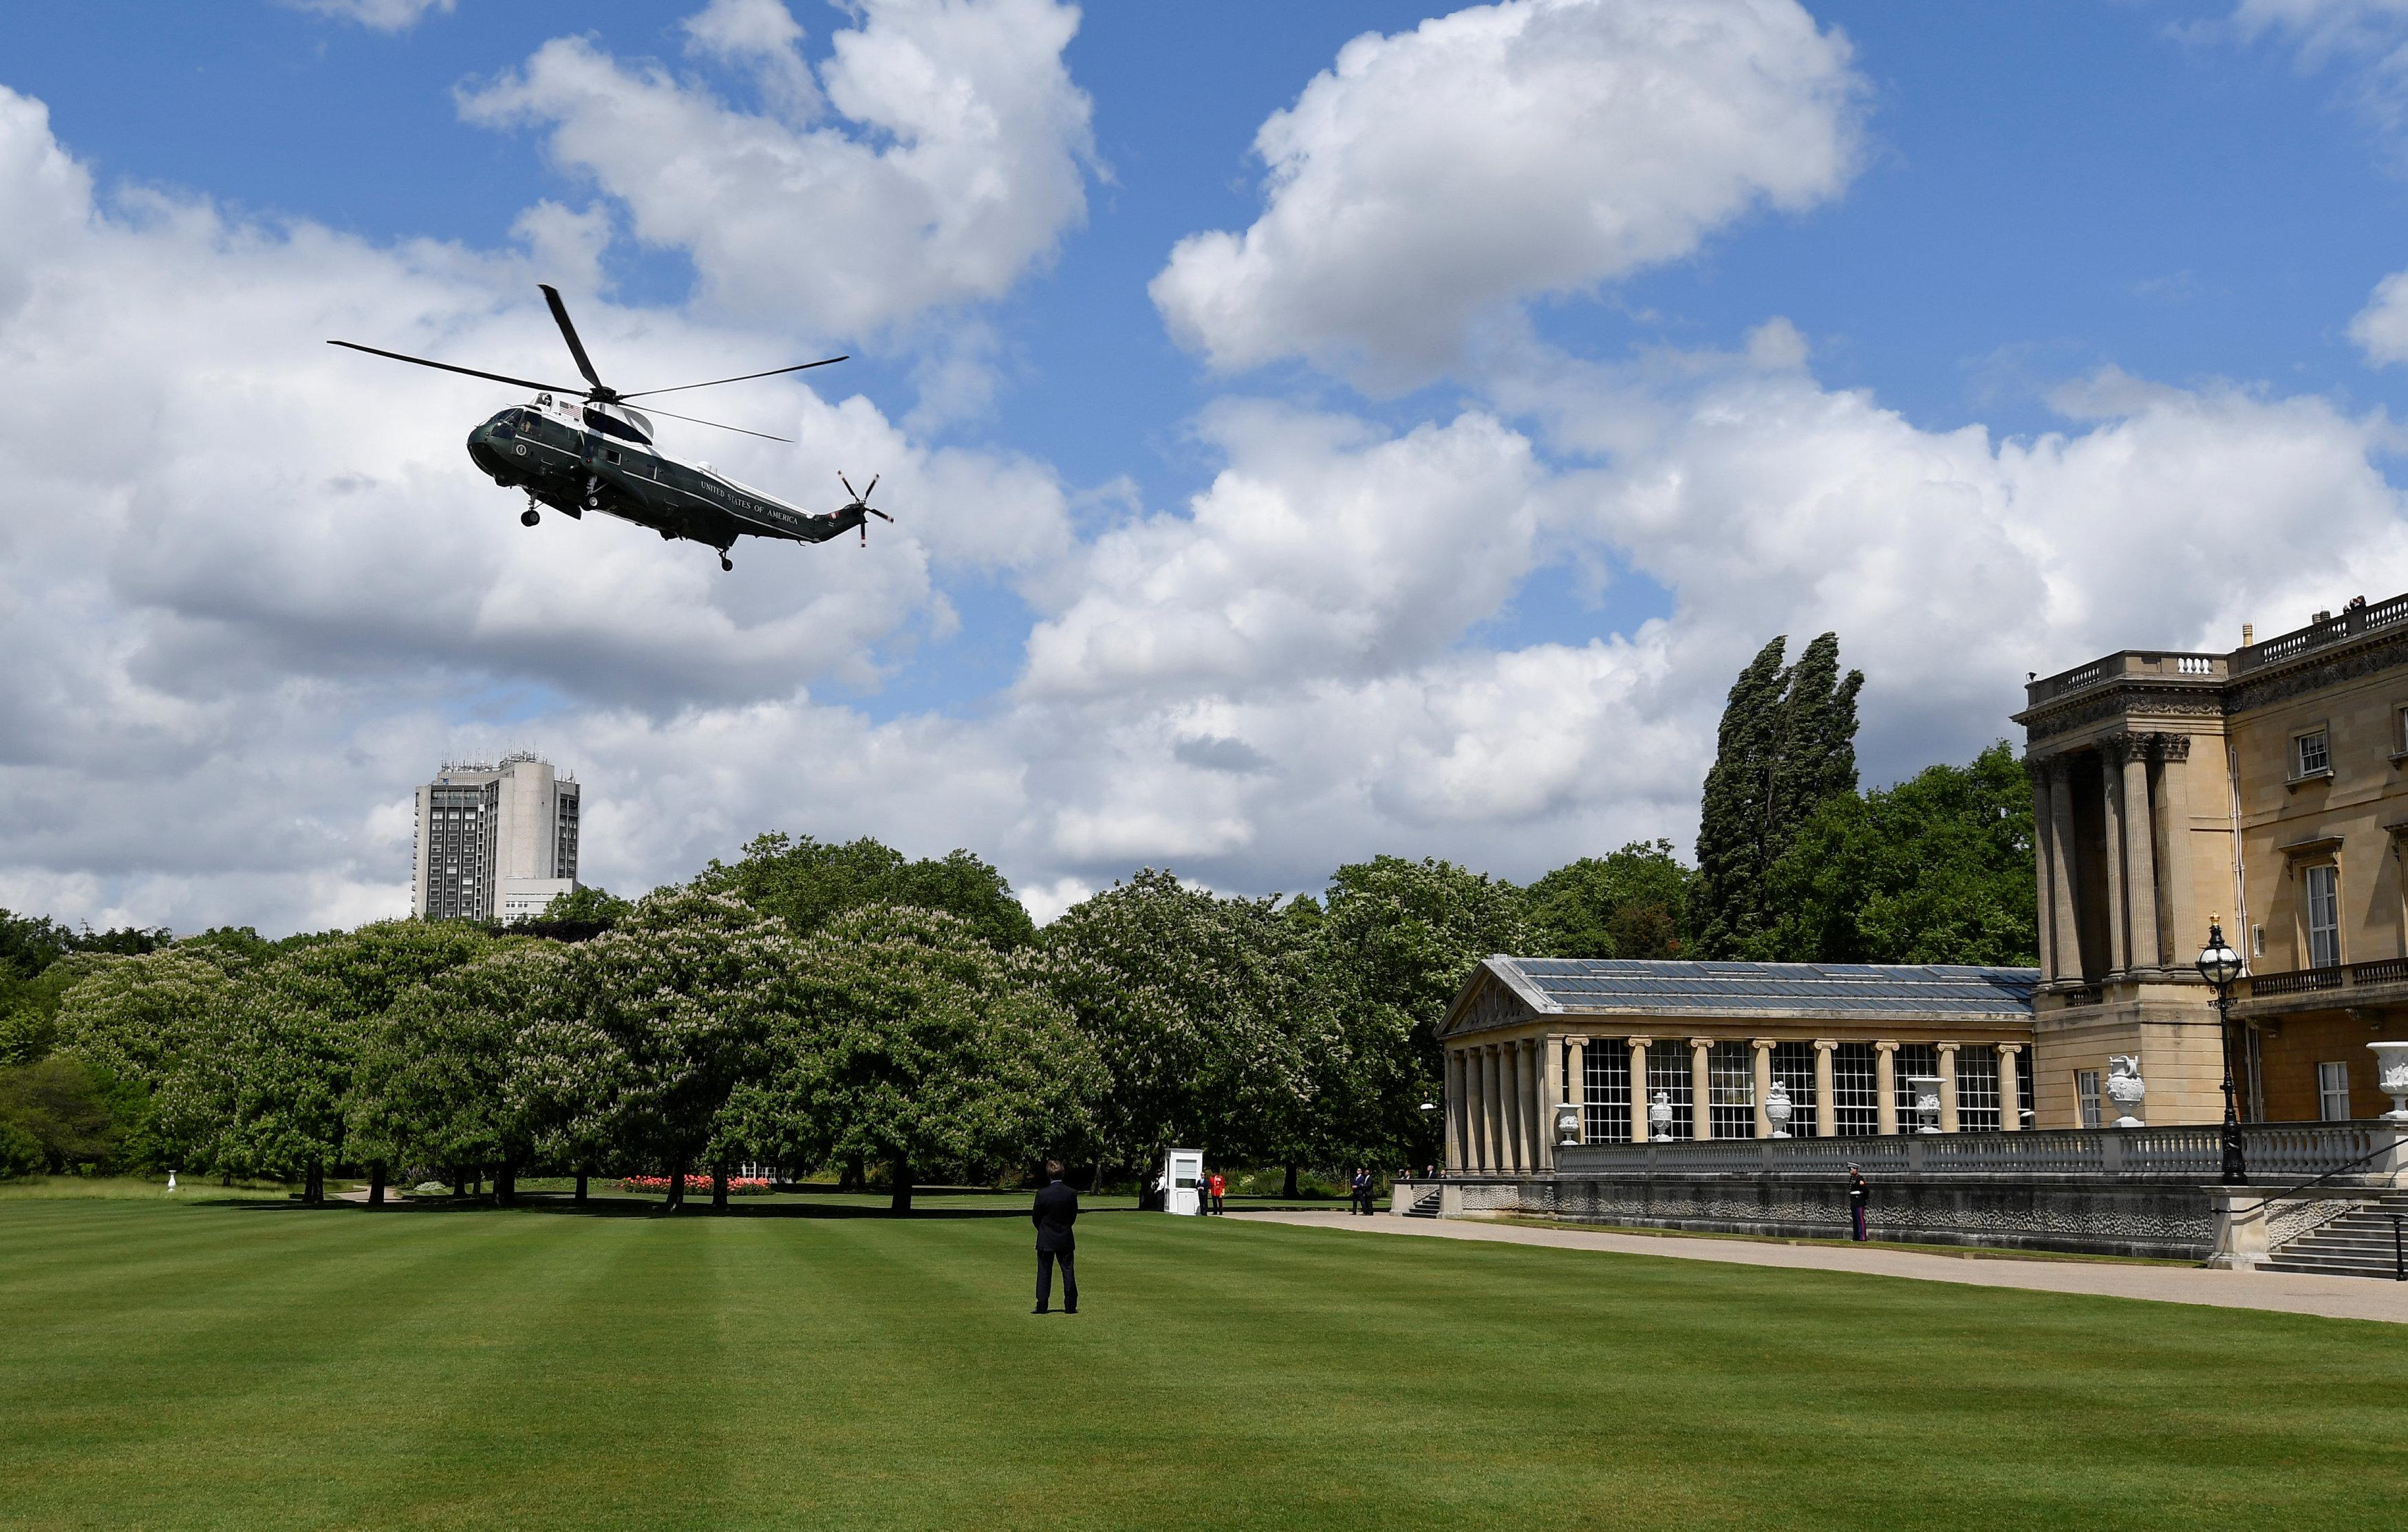 استخدم ترامب طائرة مارين ون في التنقلات الداخلية خلال زيارته الأخيرة لبريطانيا